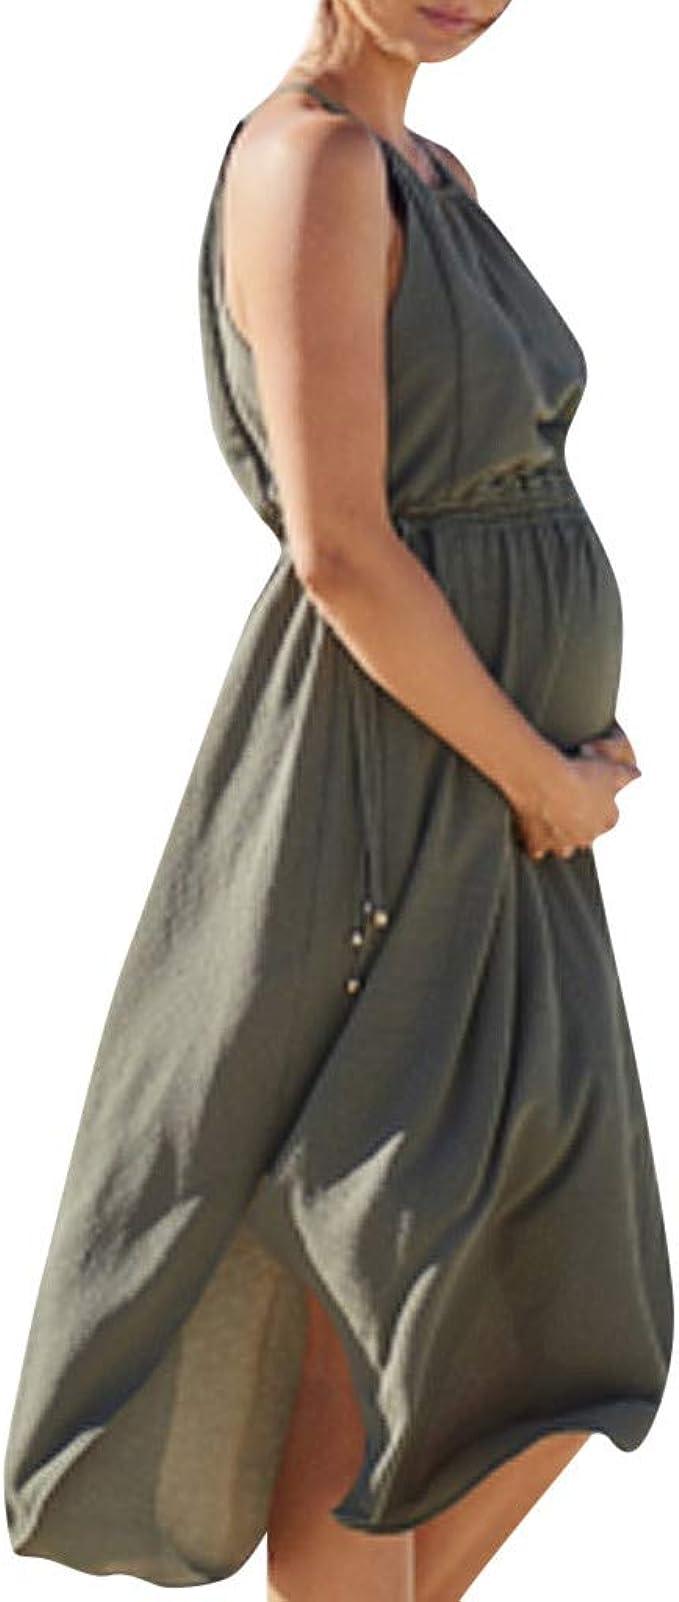 Juliyues Umstandskleid Sommer Damen Blumen Maternity Kleid /Ärmellos Stillen Schwangeren Kleider Mutterschaftskleid Festliches Stillkleider Sommerkleid Umstandsmode